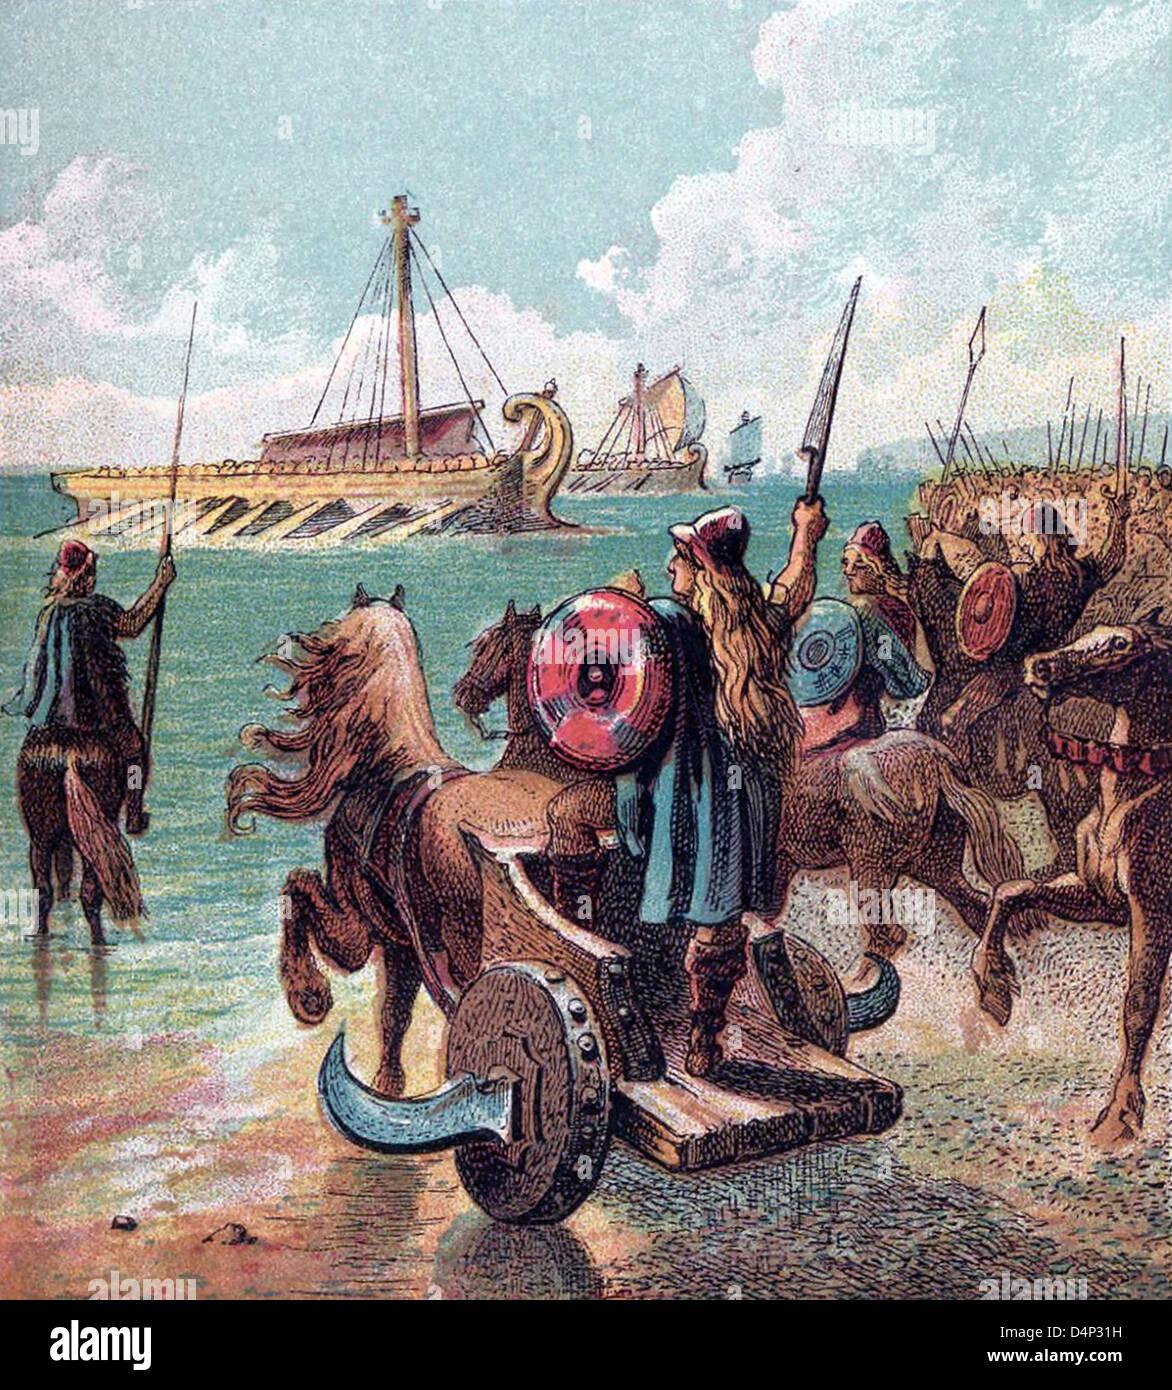 Alte Briten gegen die römischen Landungen Stockbild